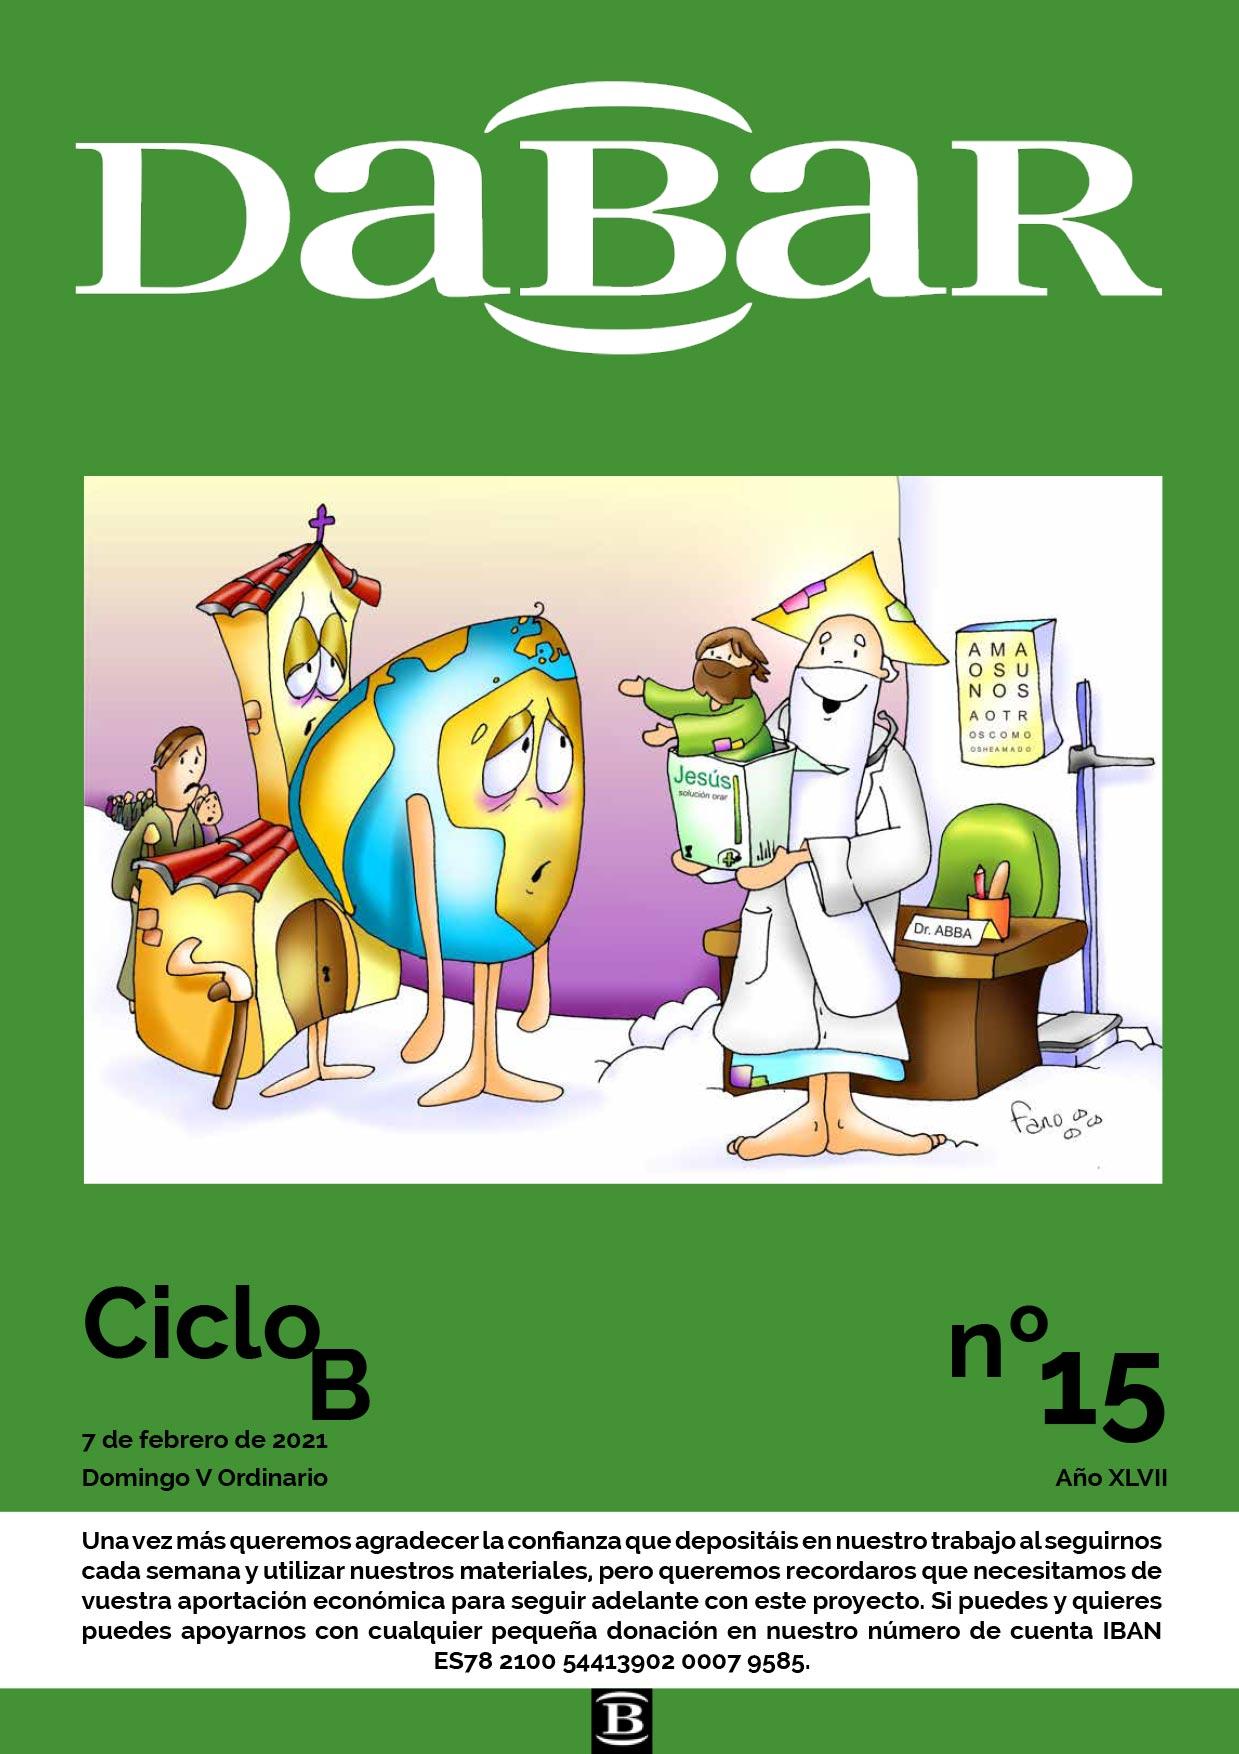 Dabar Revista numero 15 ciclo B